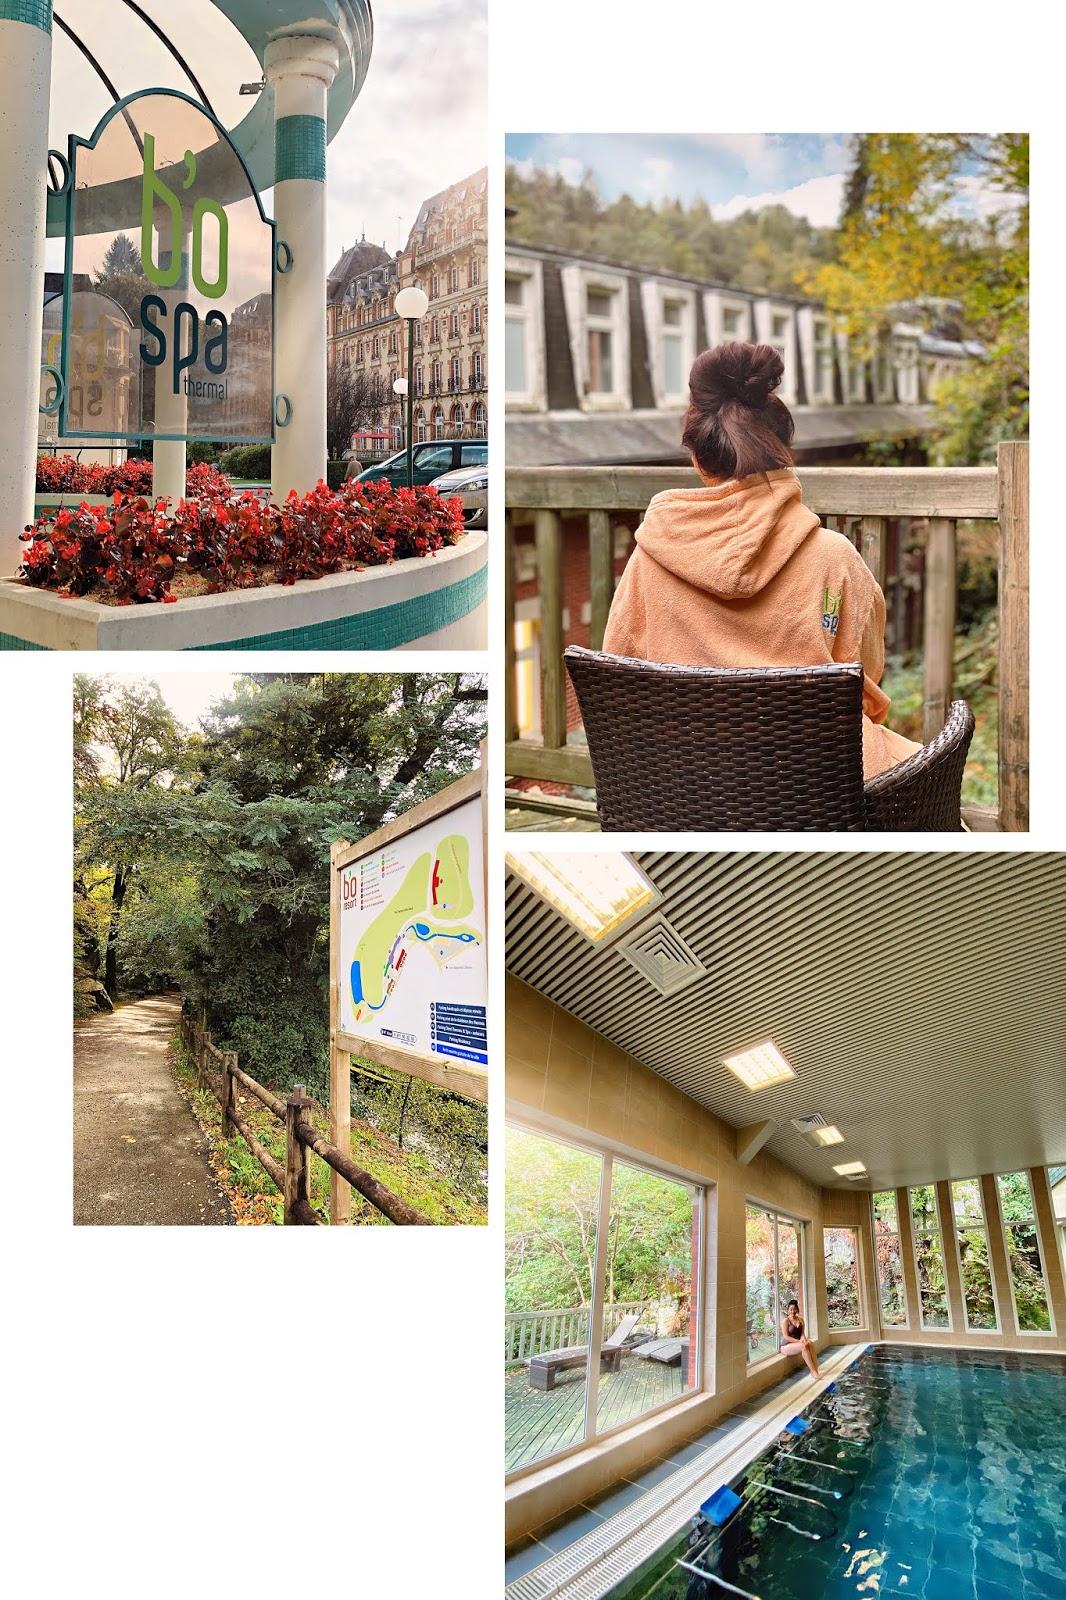 B'O SPA thermal blog voyage lifestyle bien être